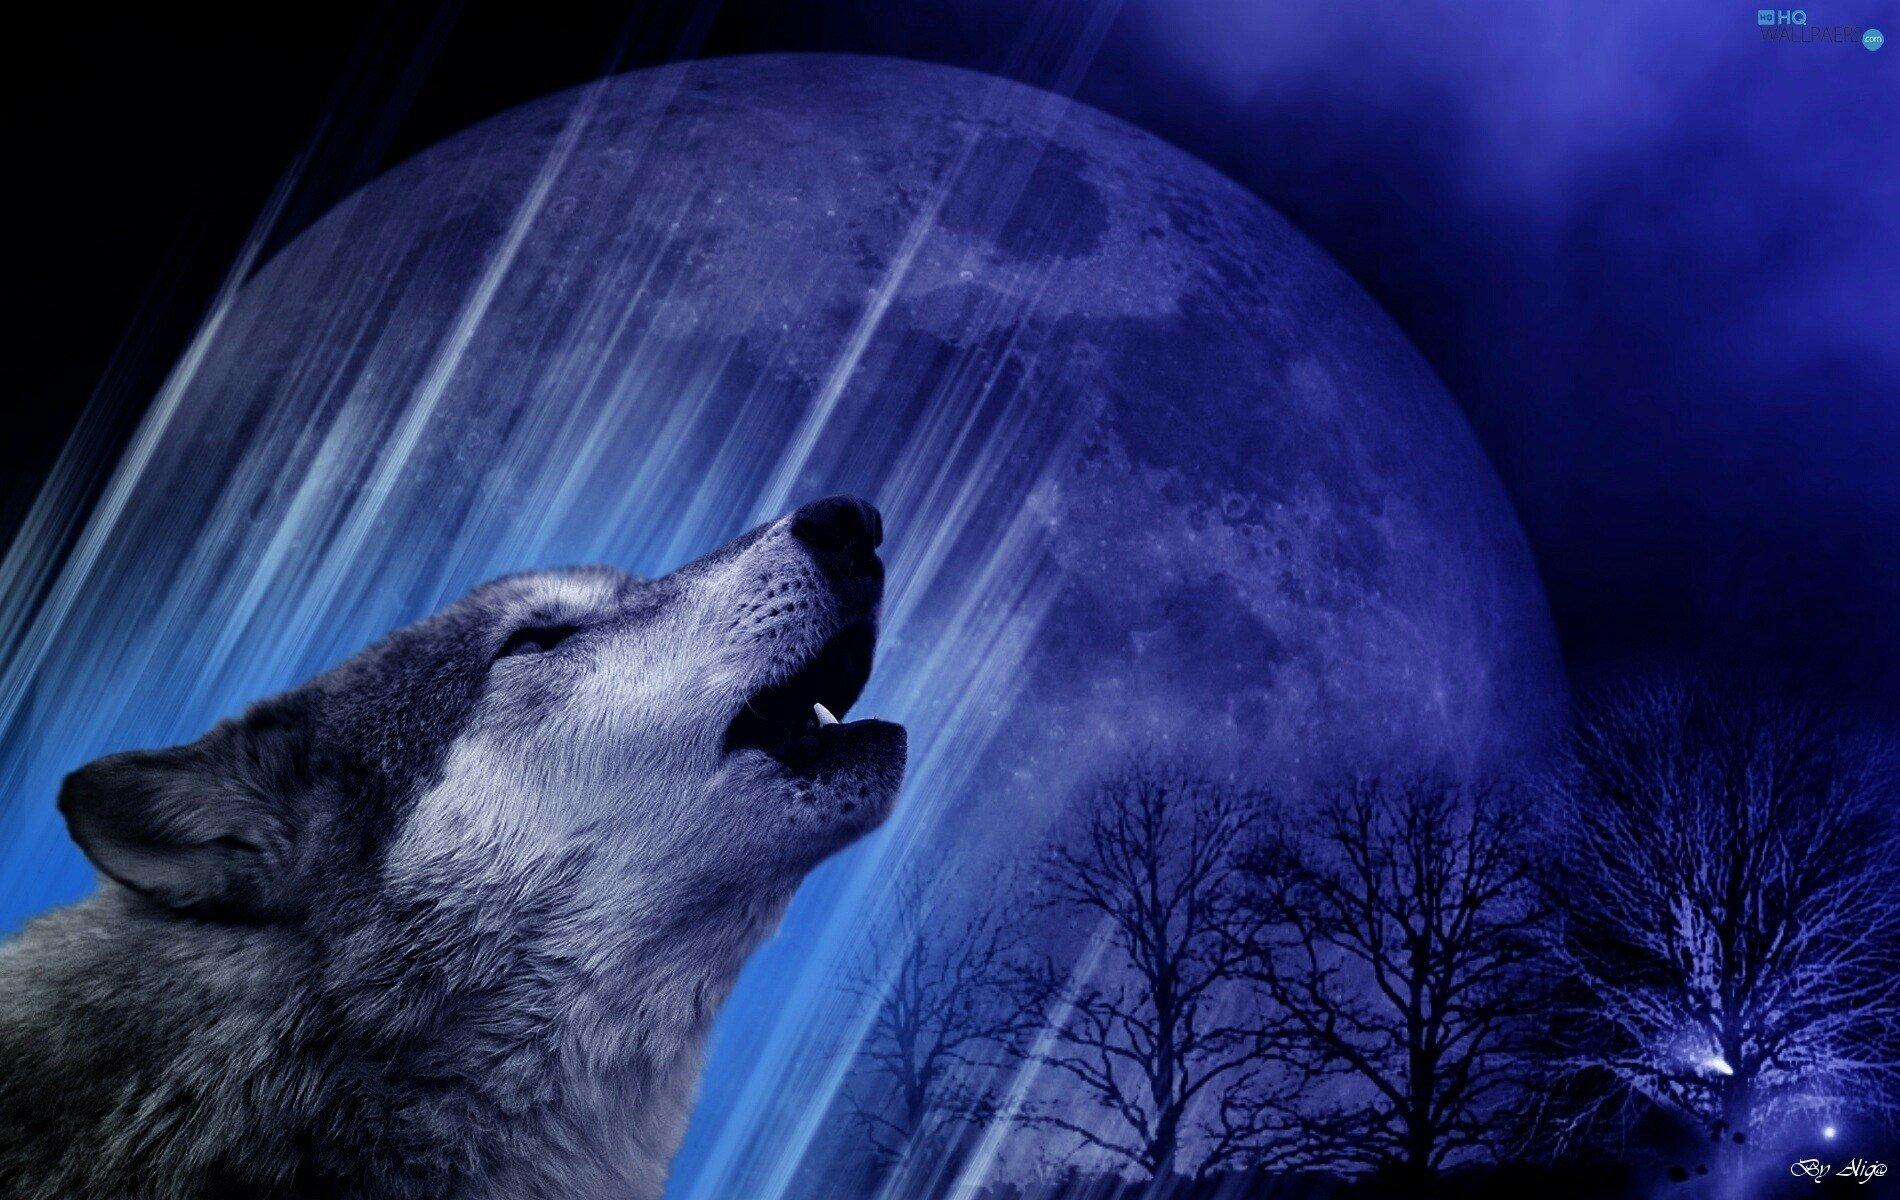 январе фото волка на фоне луны расстановки столов рассадки